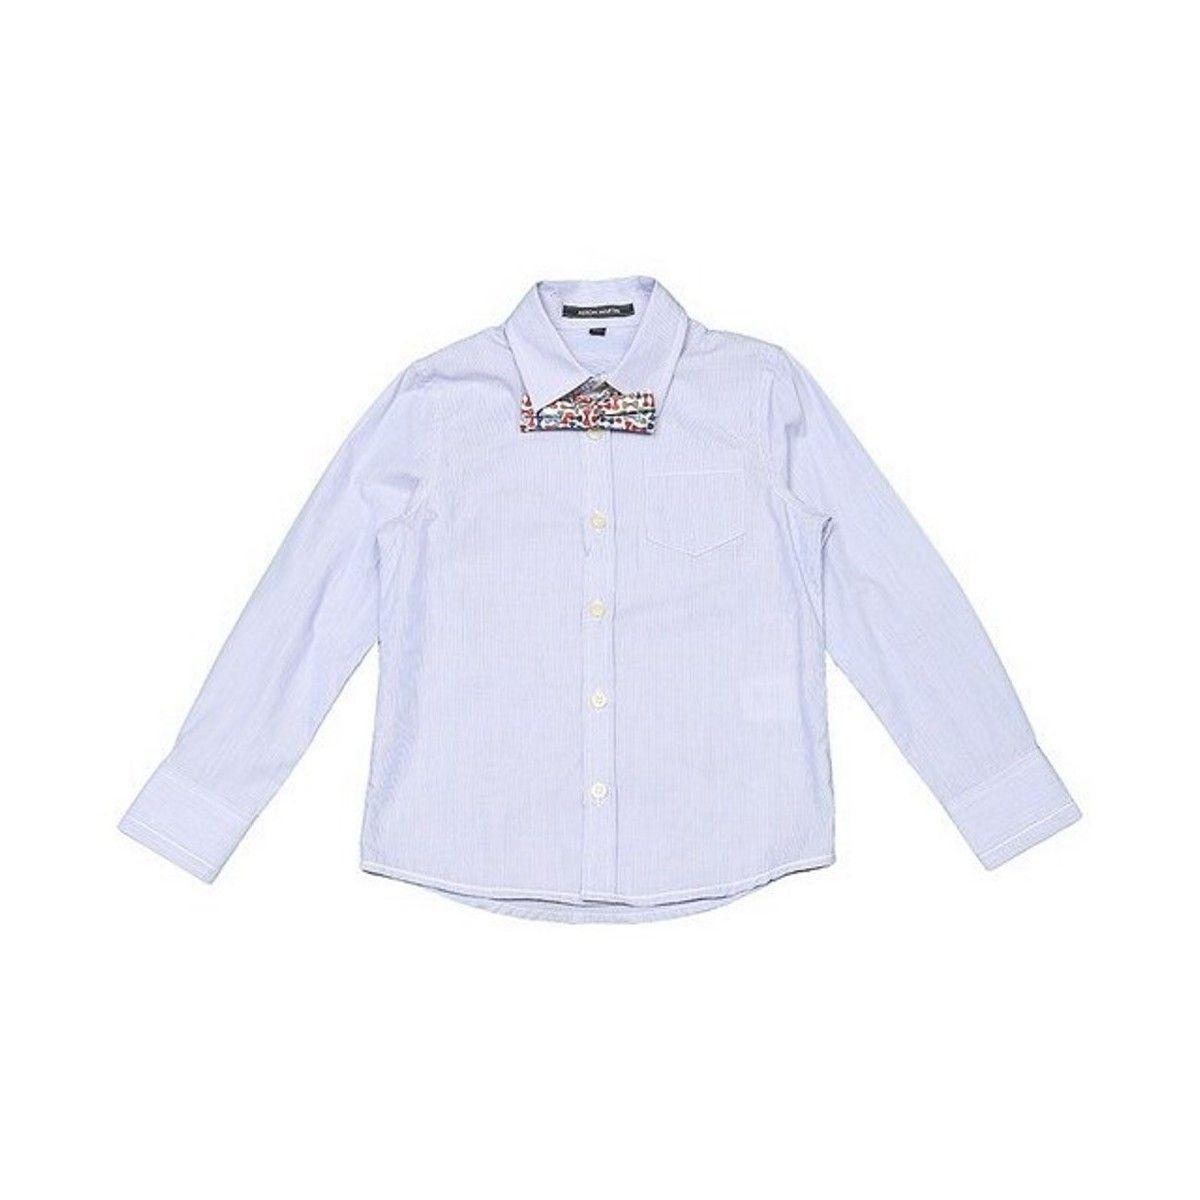 Chemise manches longues bleue avec noeud papillon